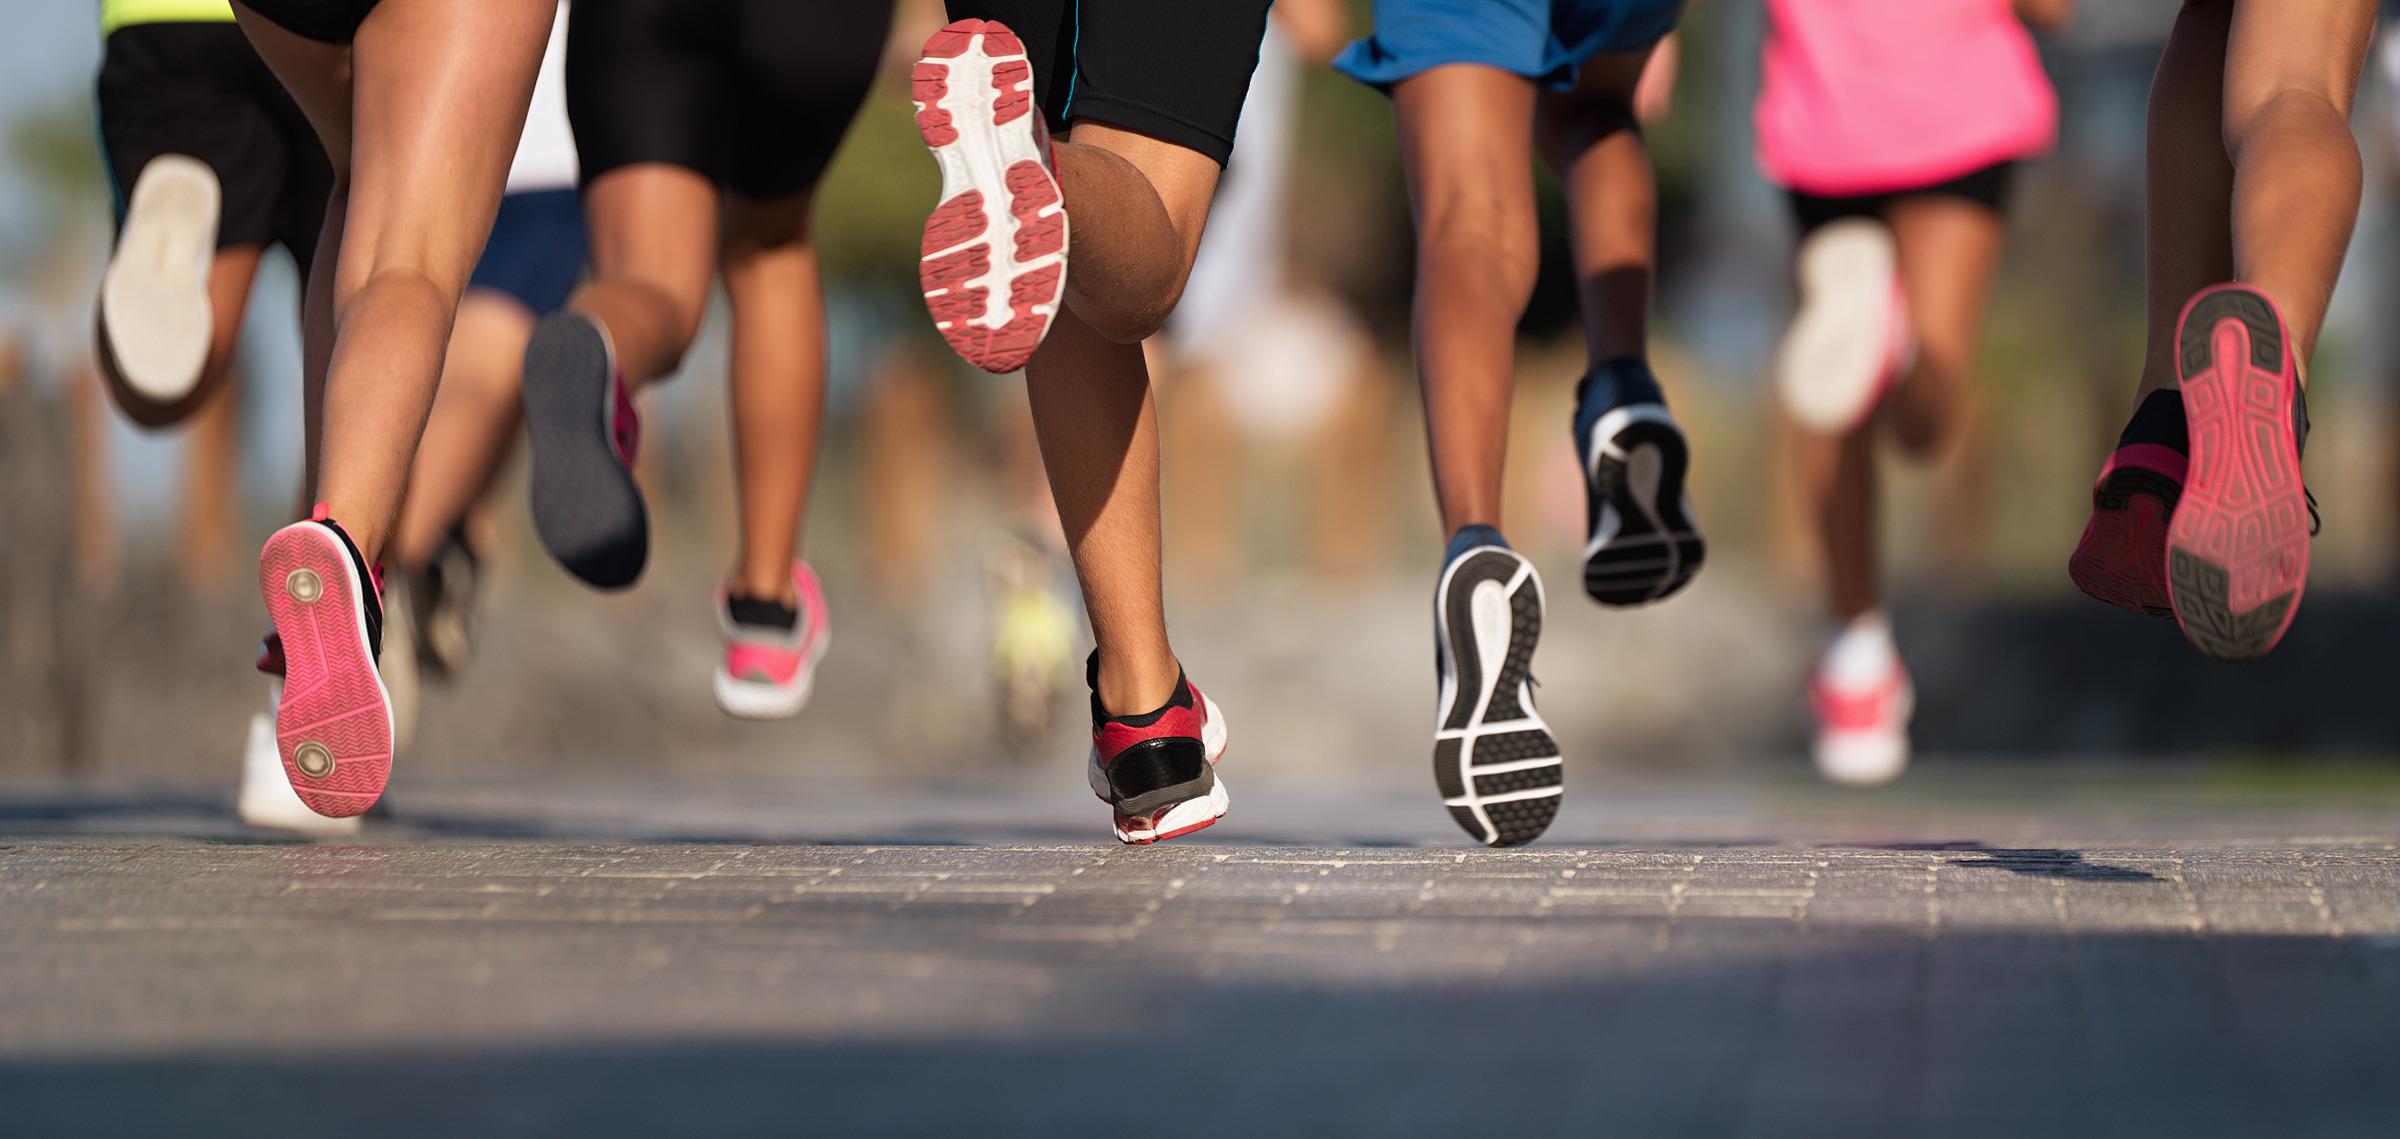 batignolles lesbatignolles paris17 boostbatignolles sport running